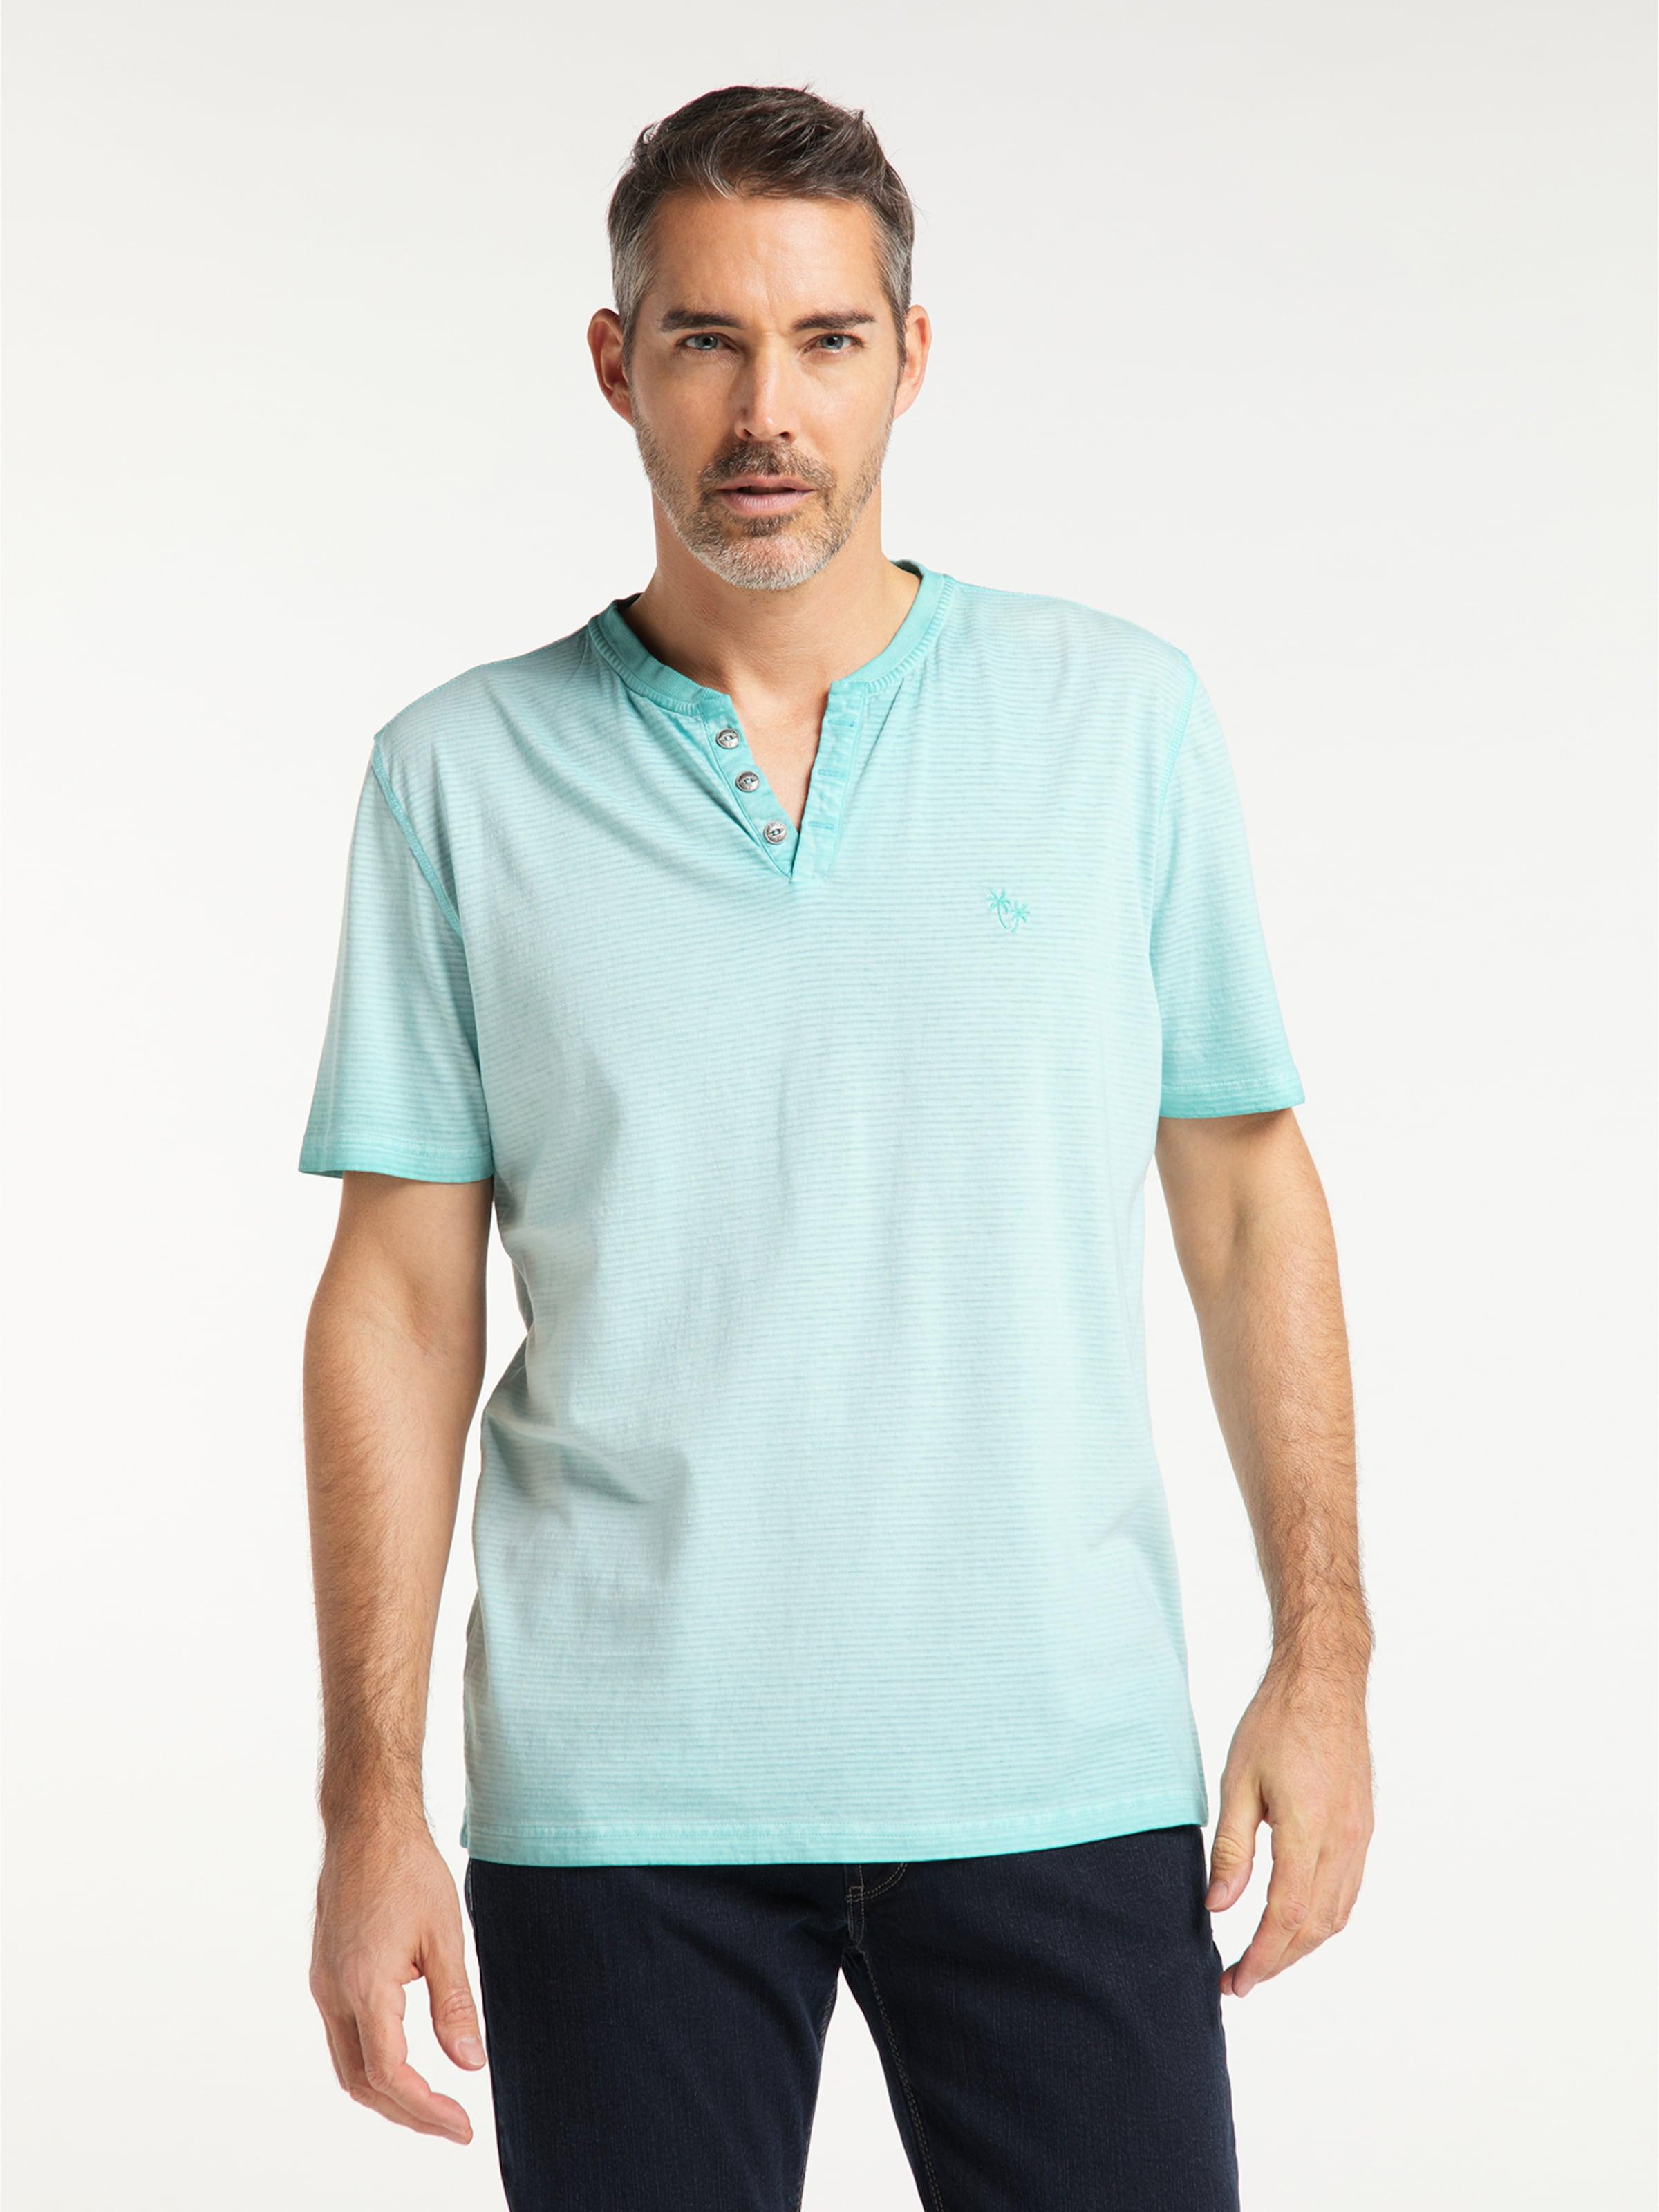 PIONEER T-Shirt 'Henley' in türkis Unifarben 04507/000/07312-526-L